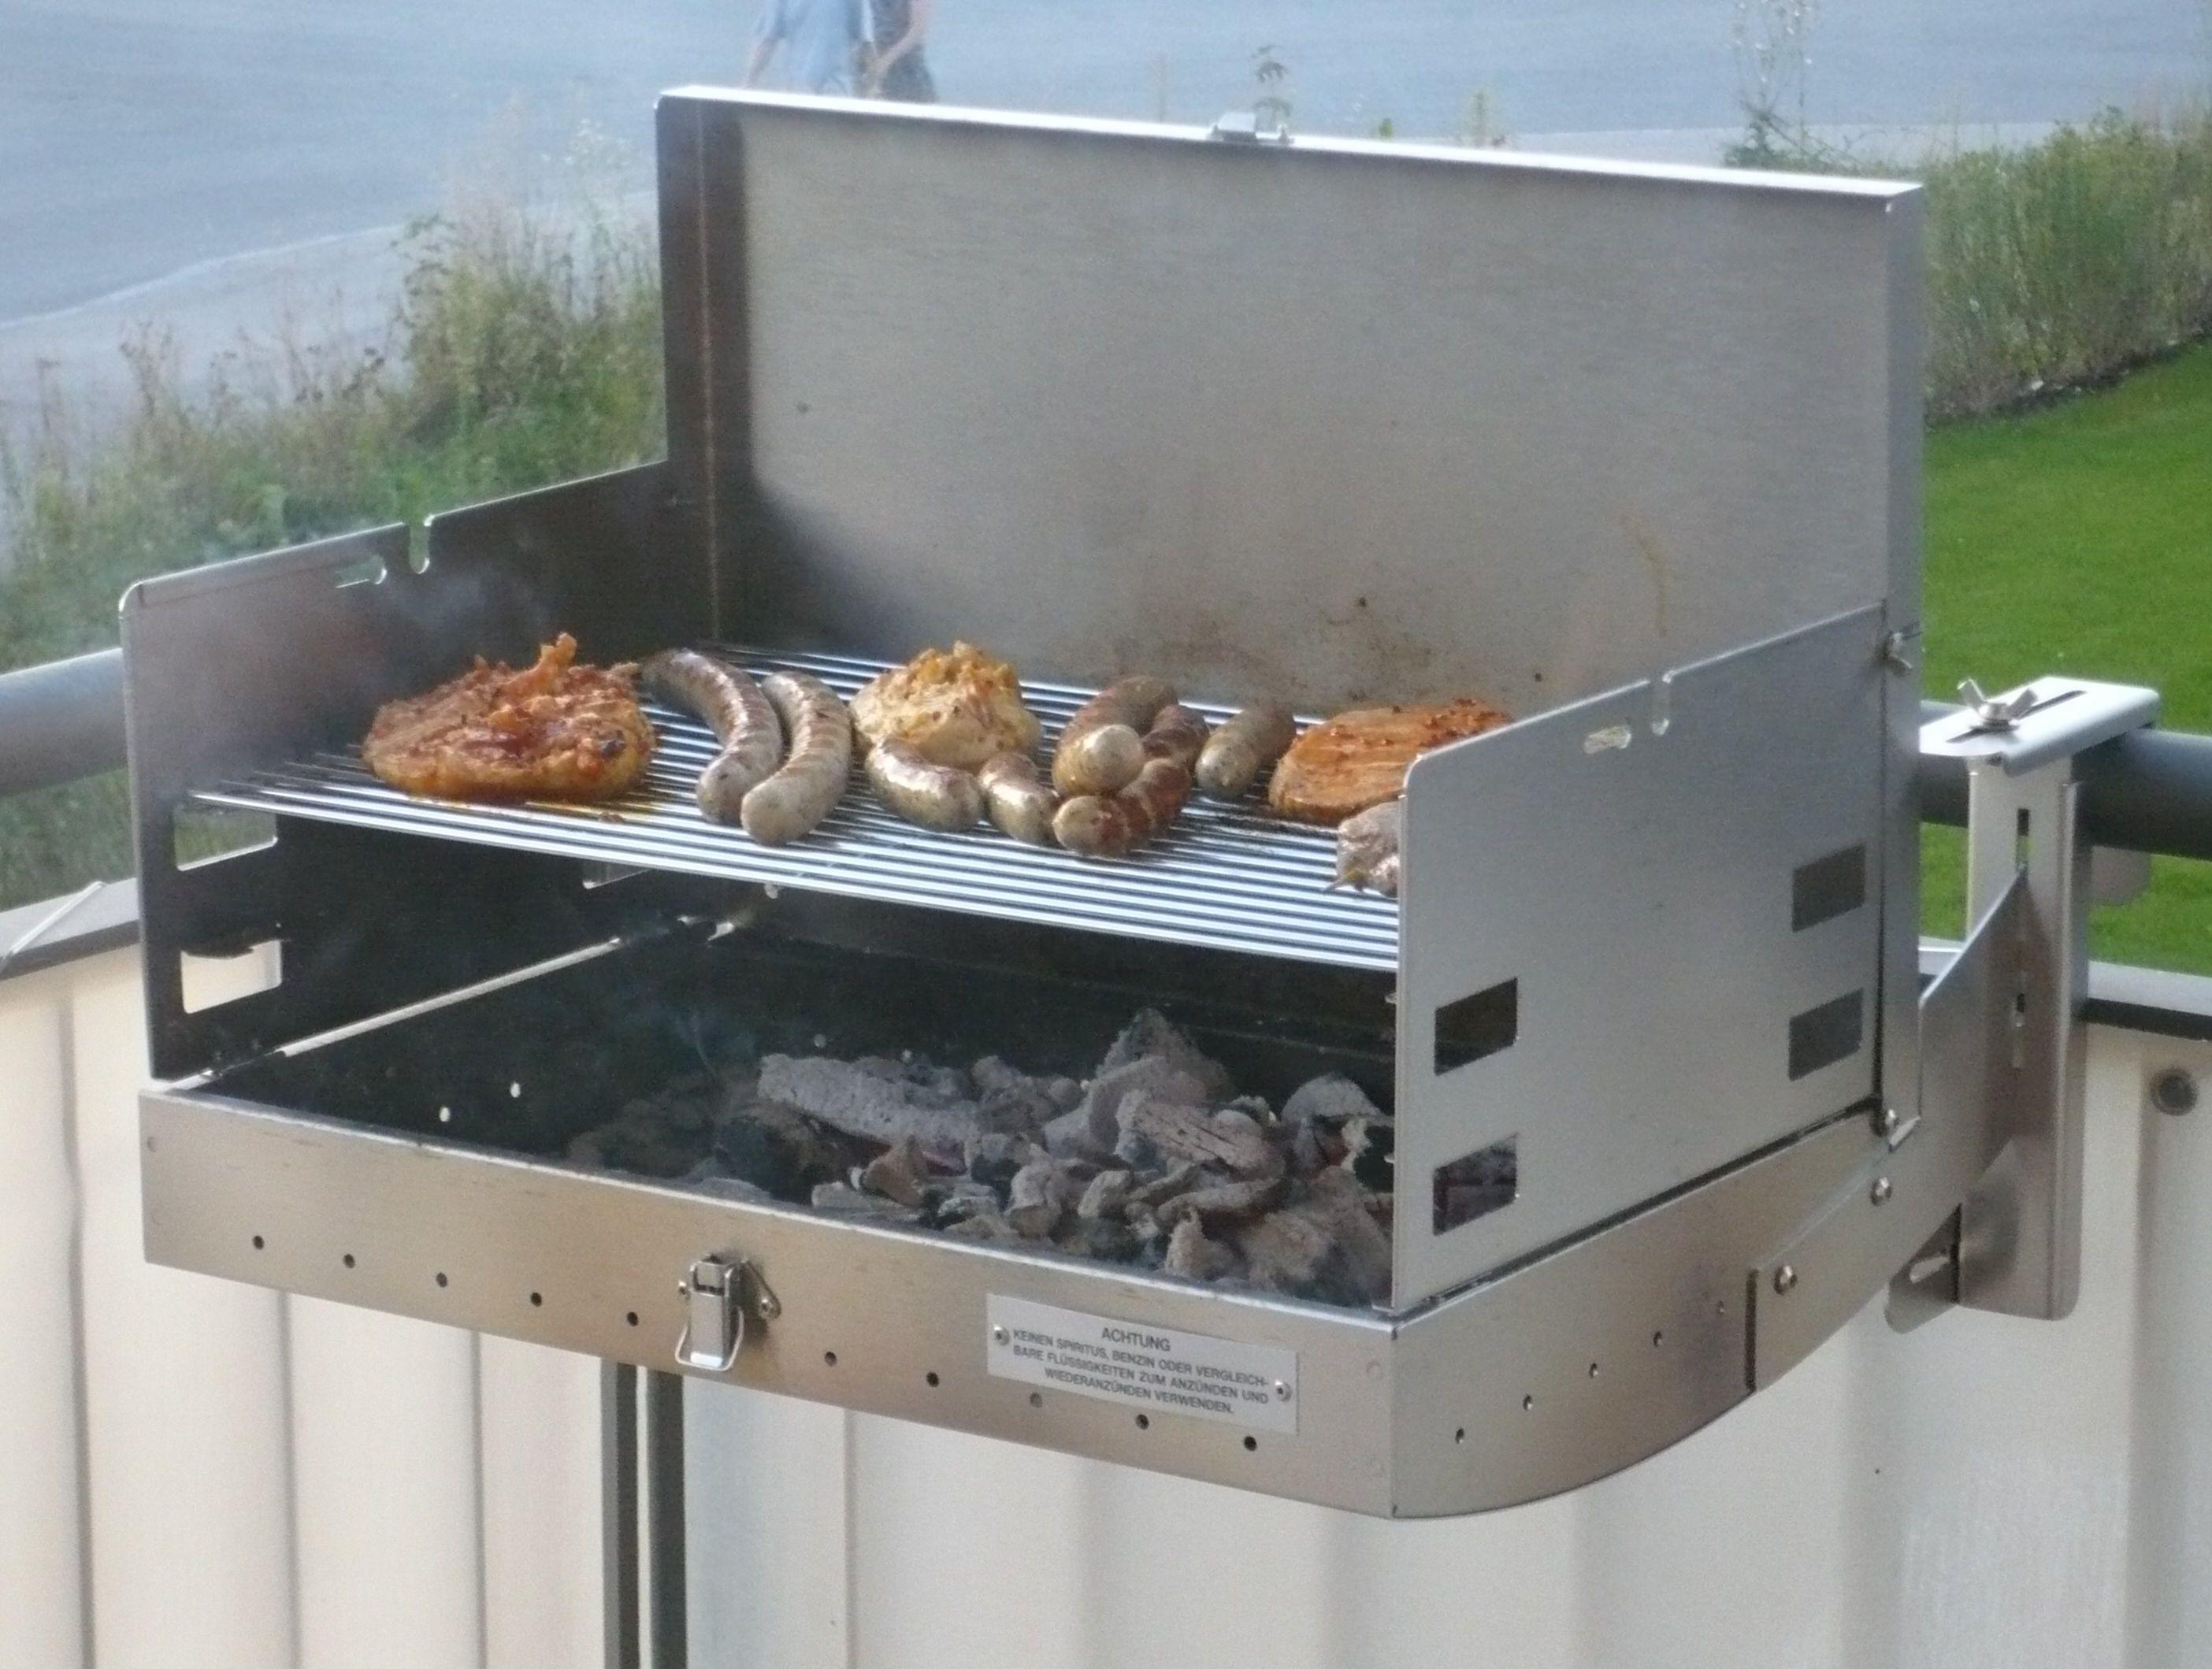 Bester Holzkohlegrill Für Balkon : Balkongrill eine spezielle grillart zum grillen auf dem balkon